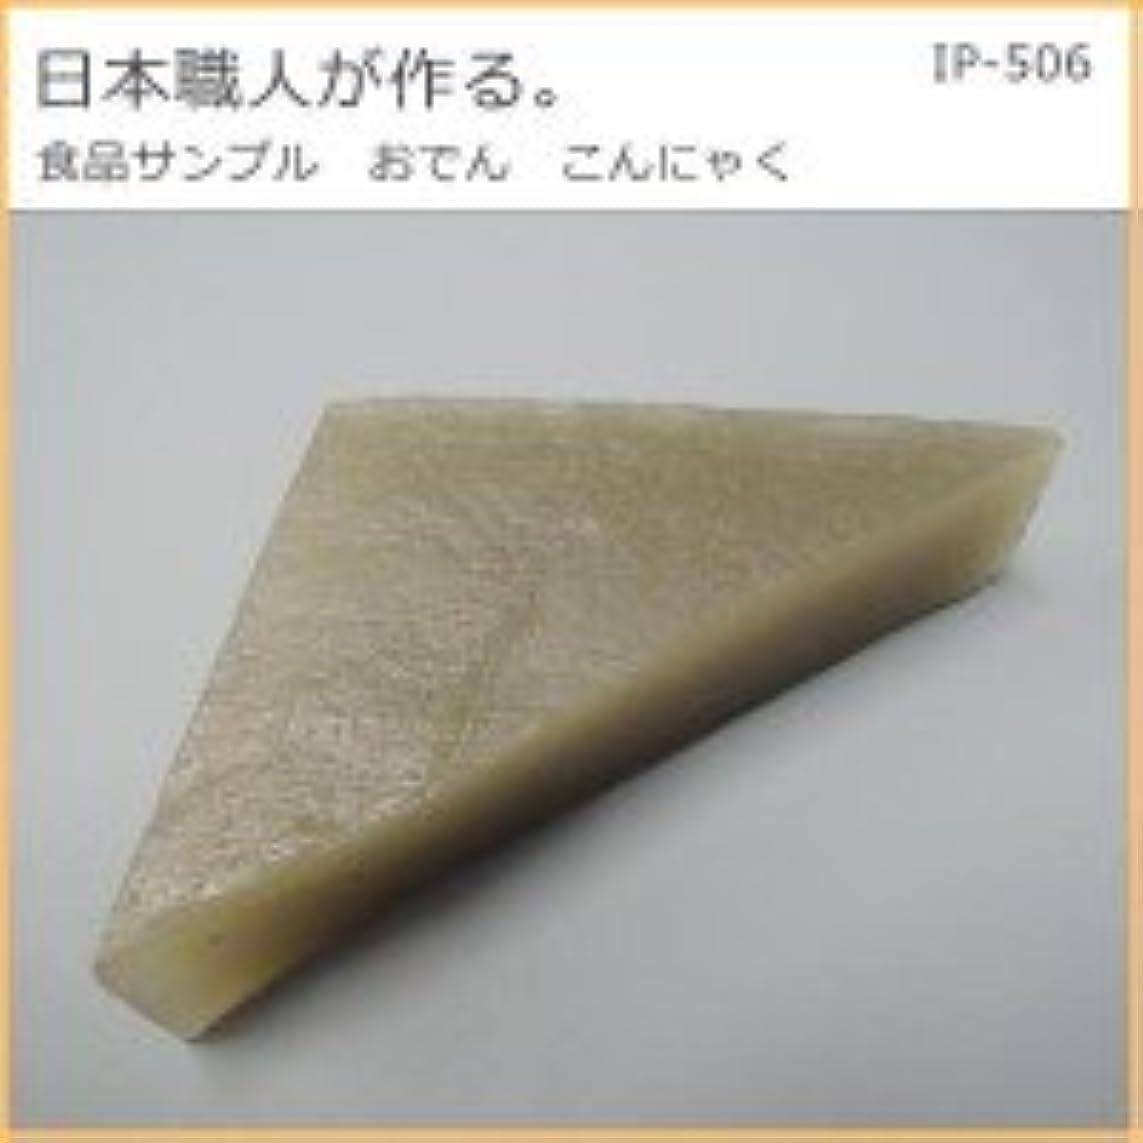 仕事口ひげ同情日本職人が作る 食品サンプル おでん こんにゃく IP-506